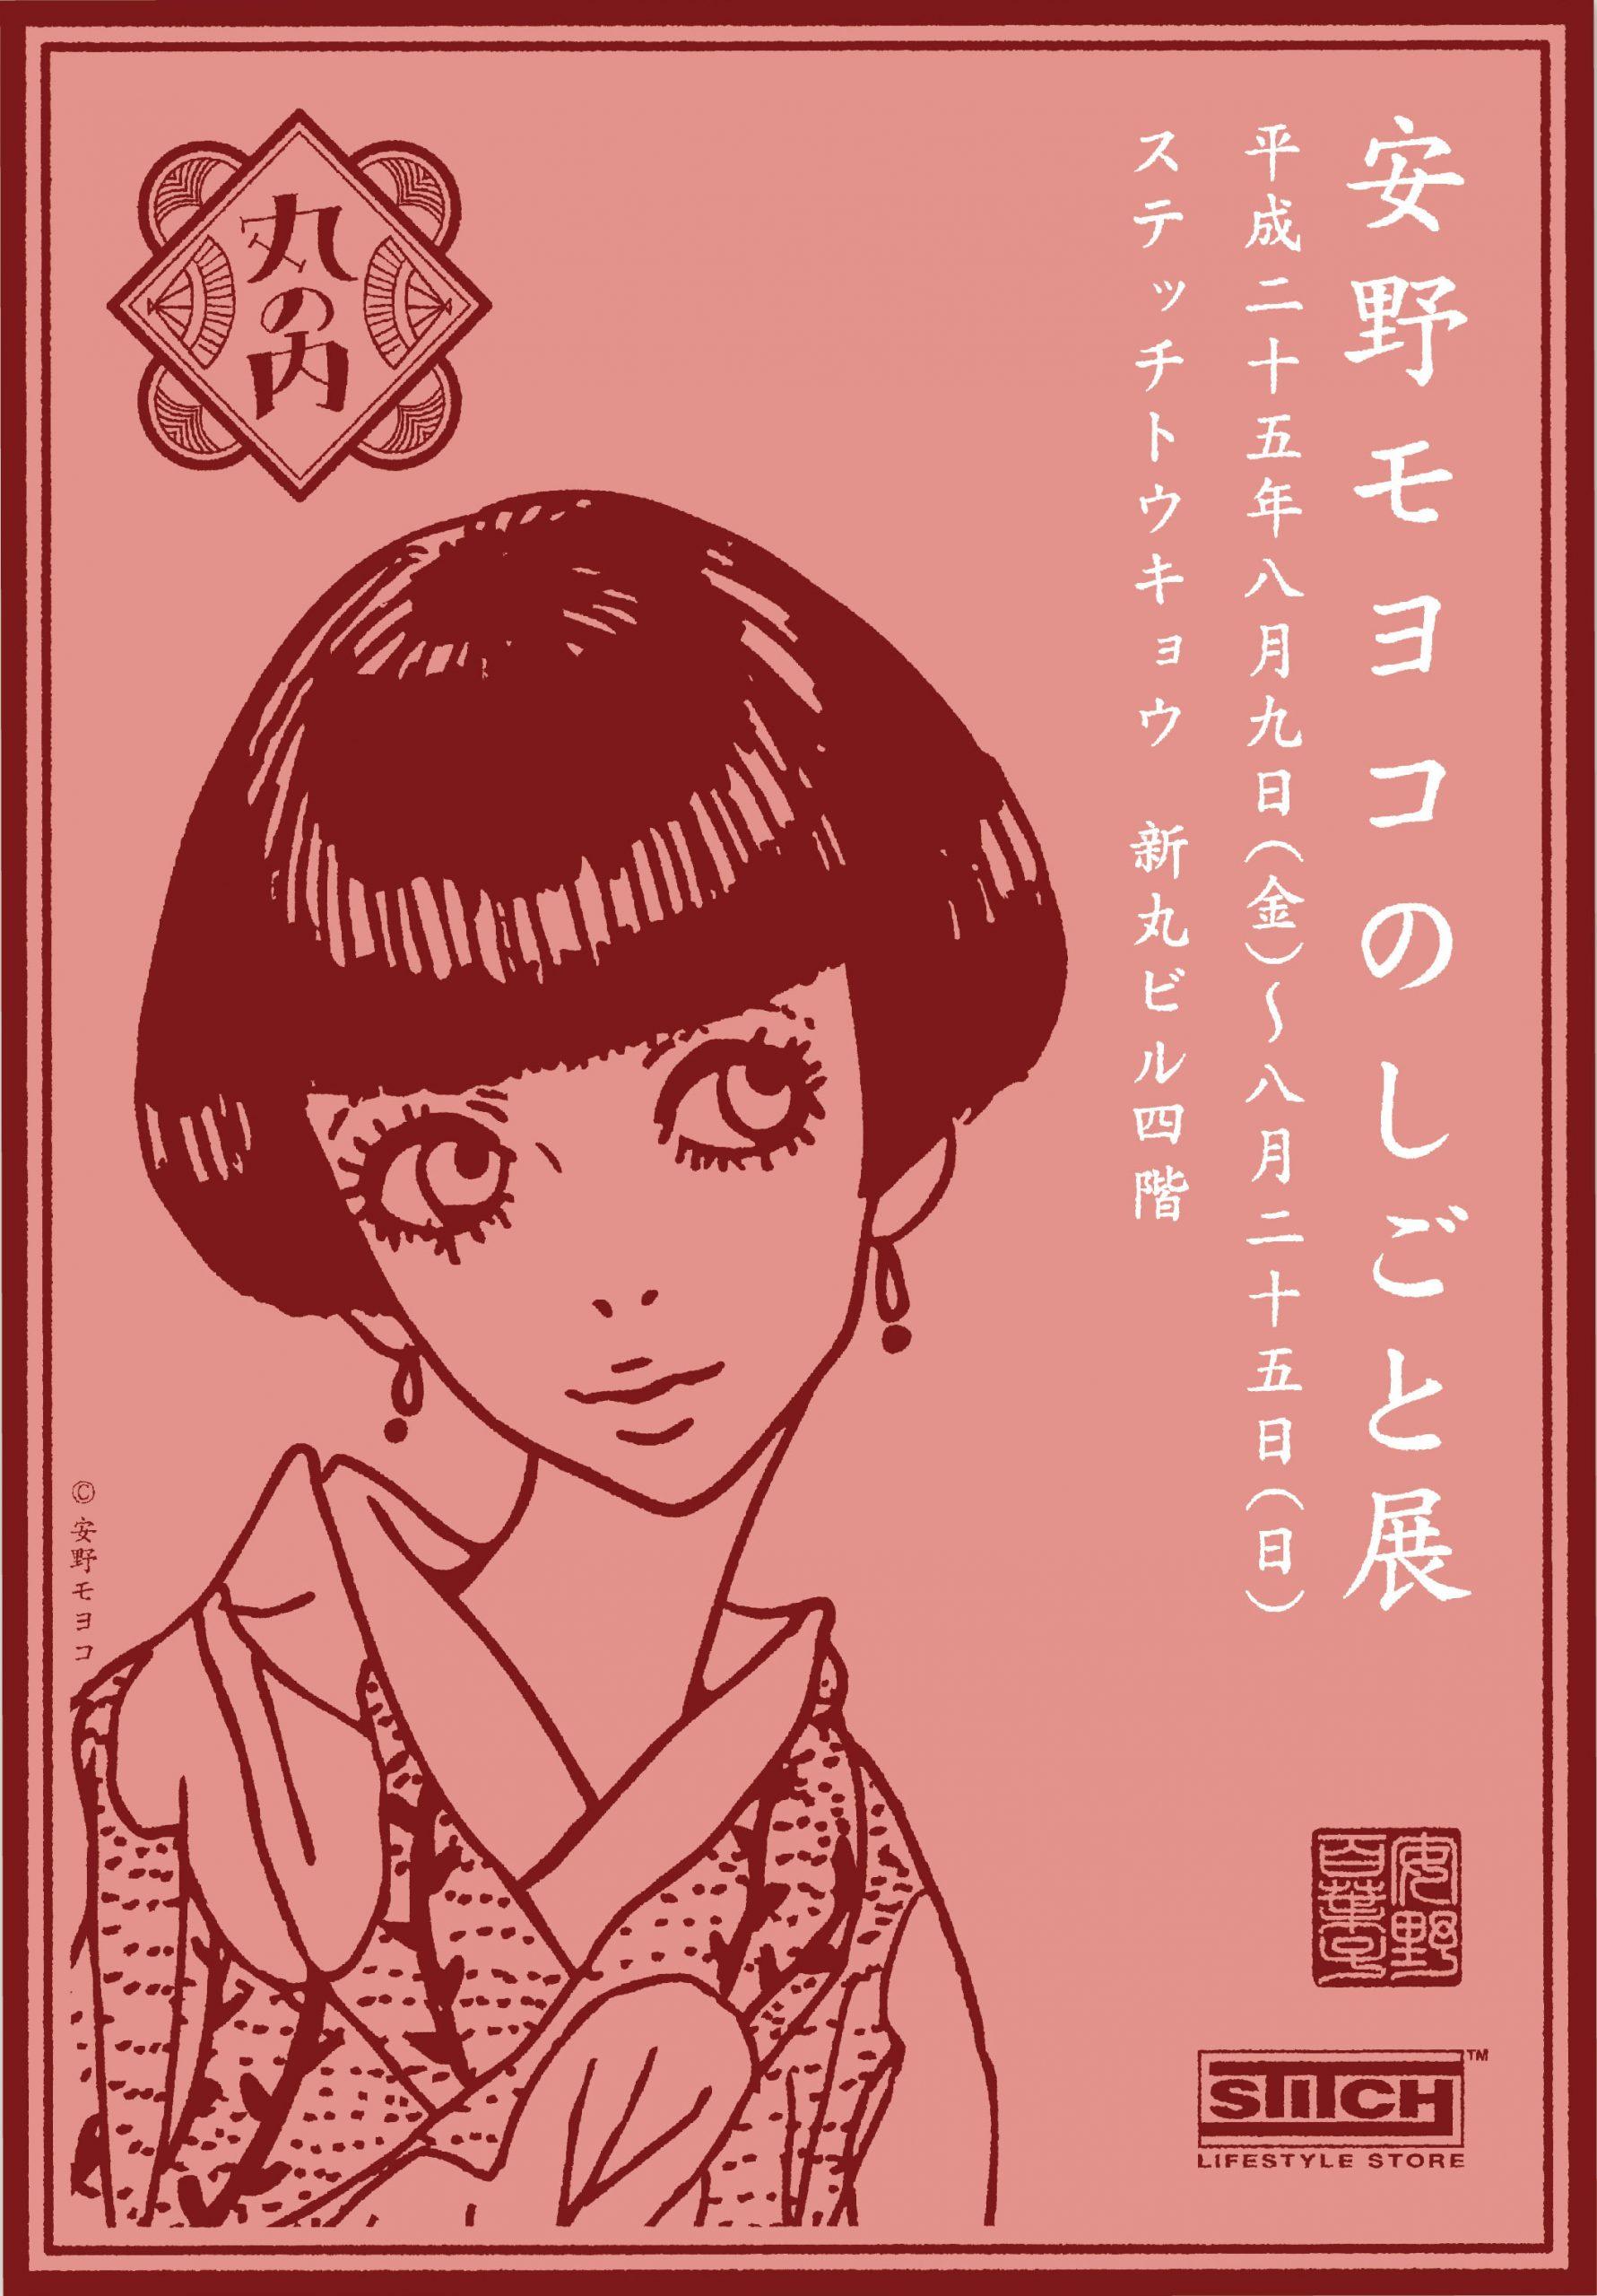 安野モヨコのしごと展